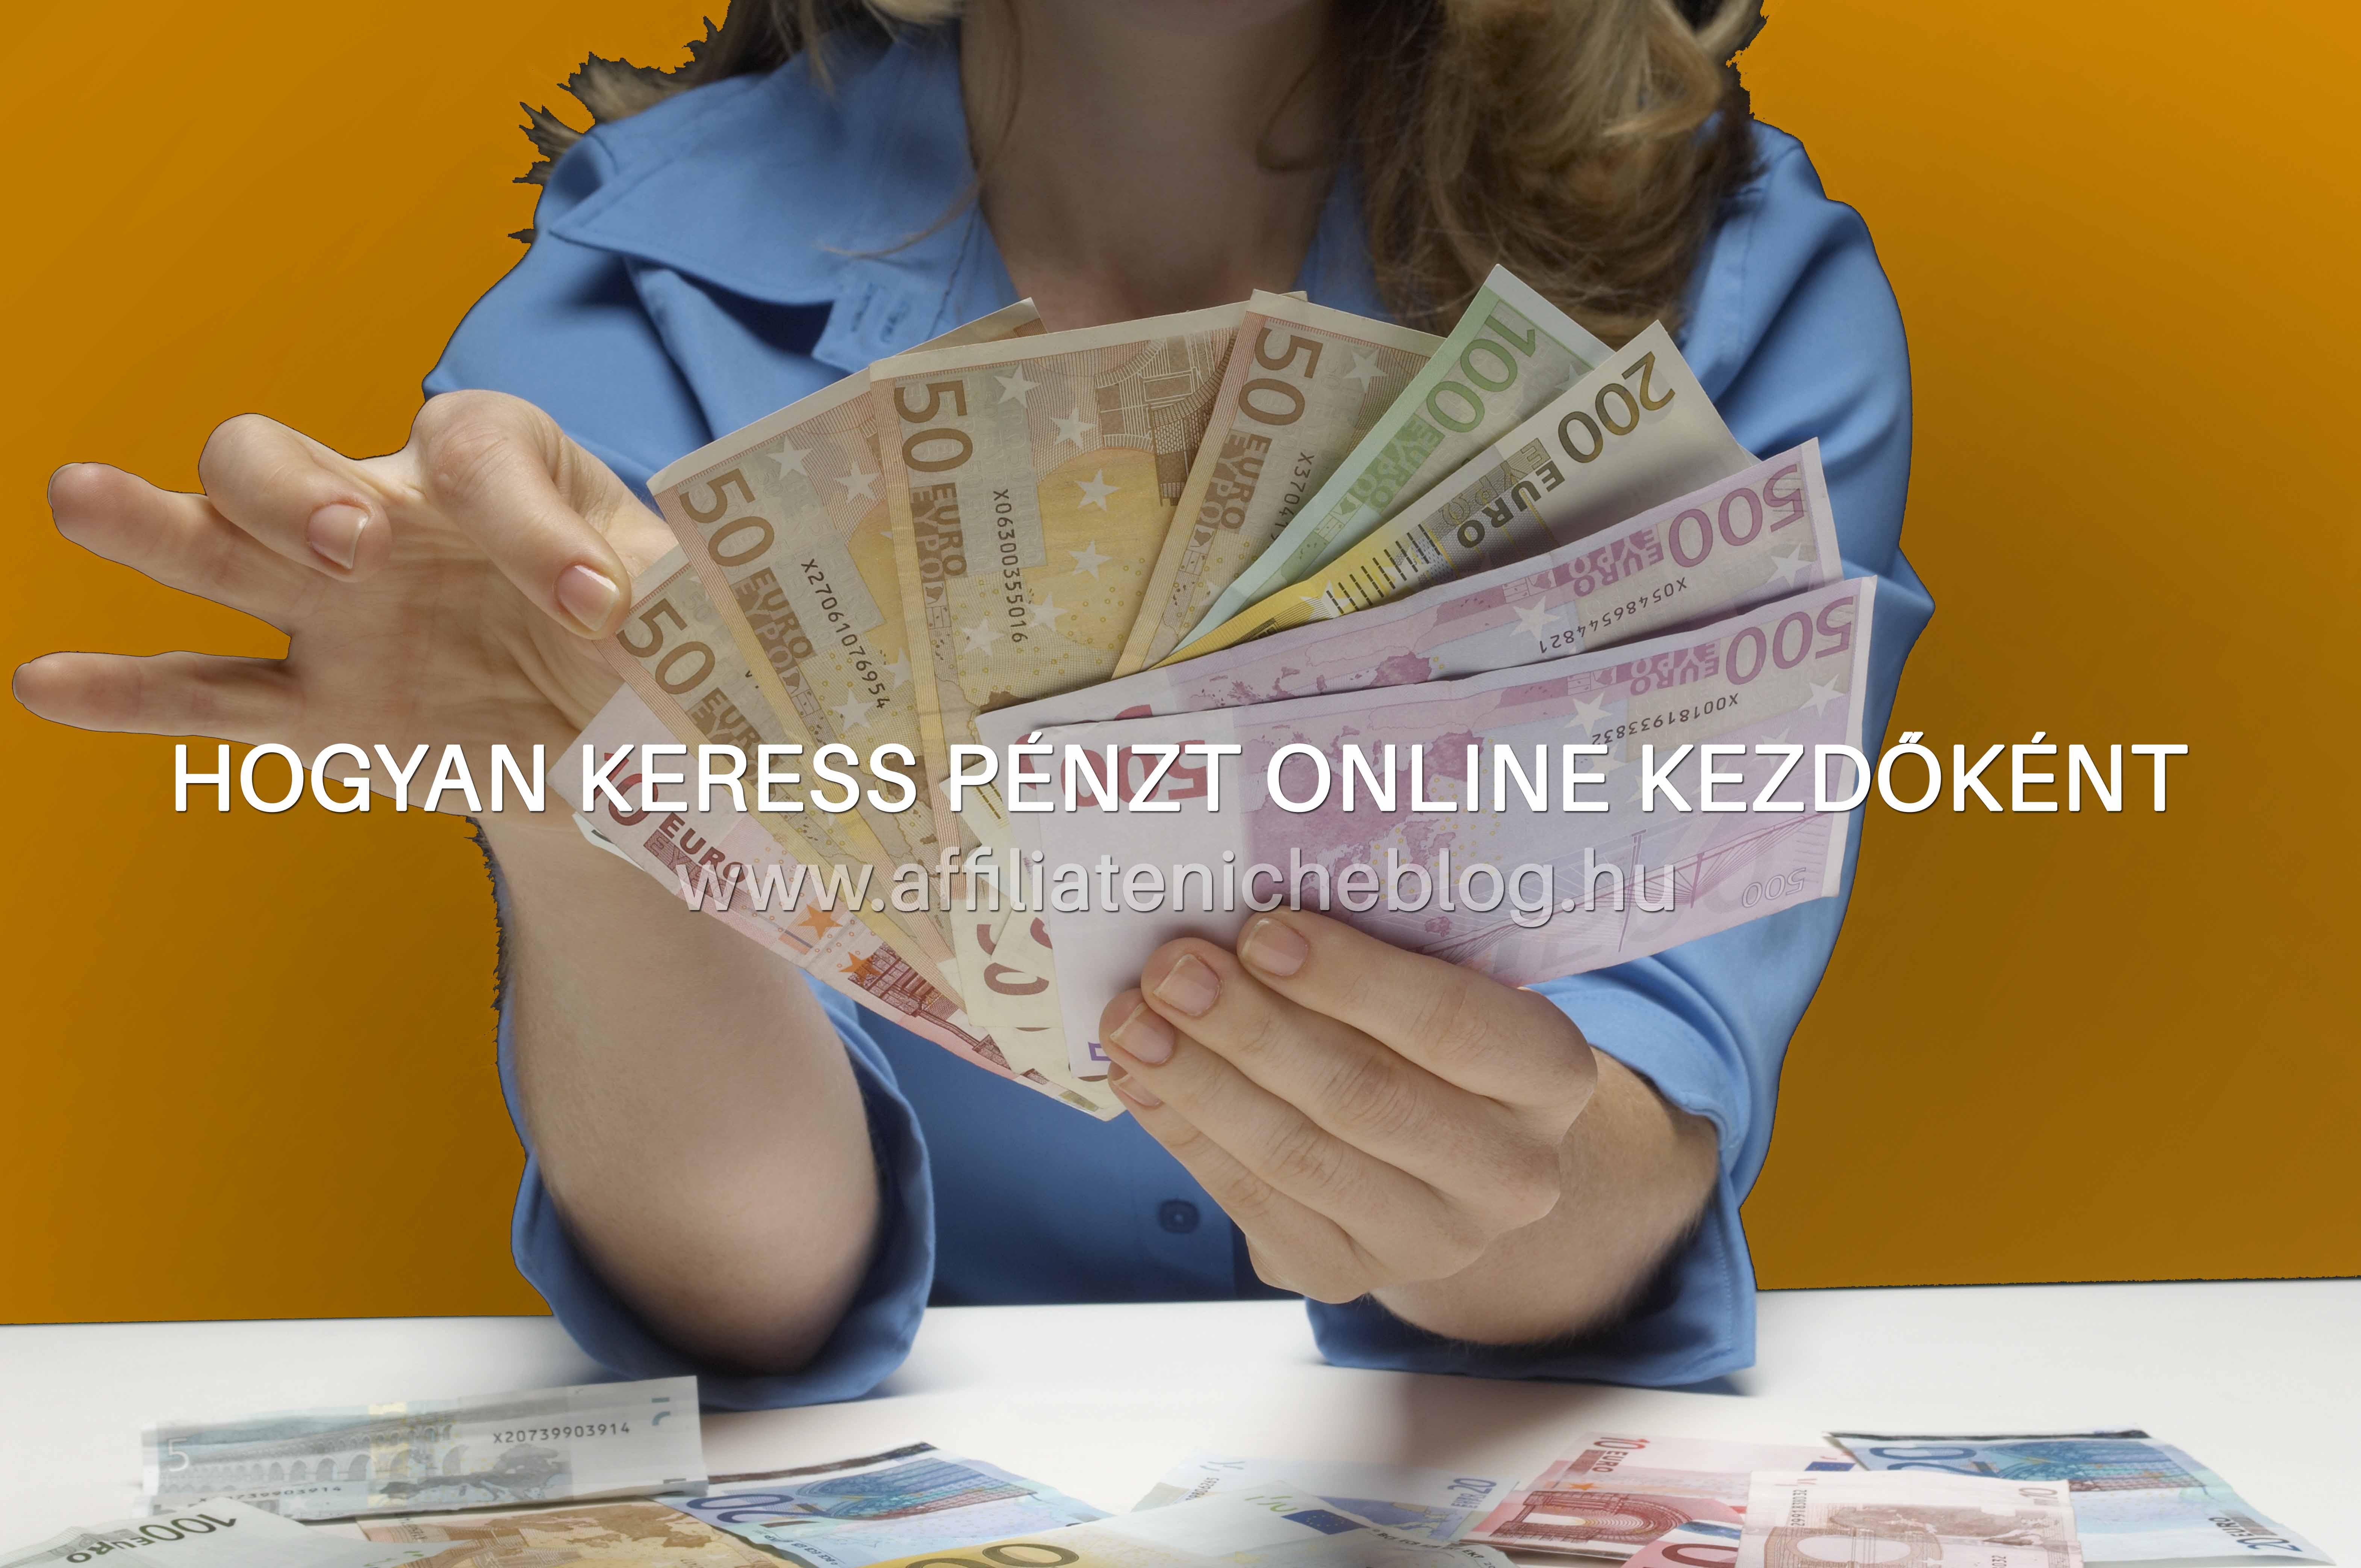 üzleti képzések, hogyan lehet pénzt keresni